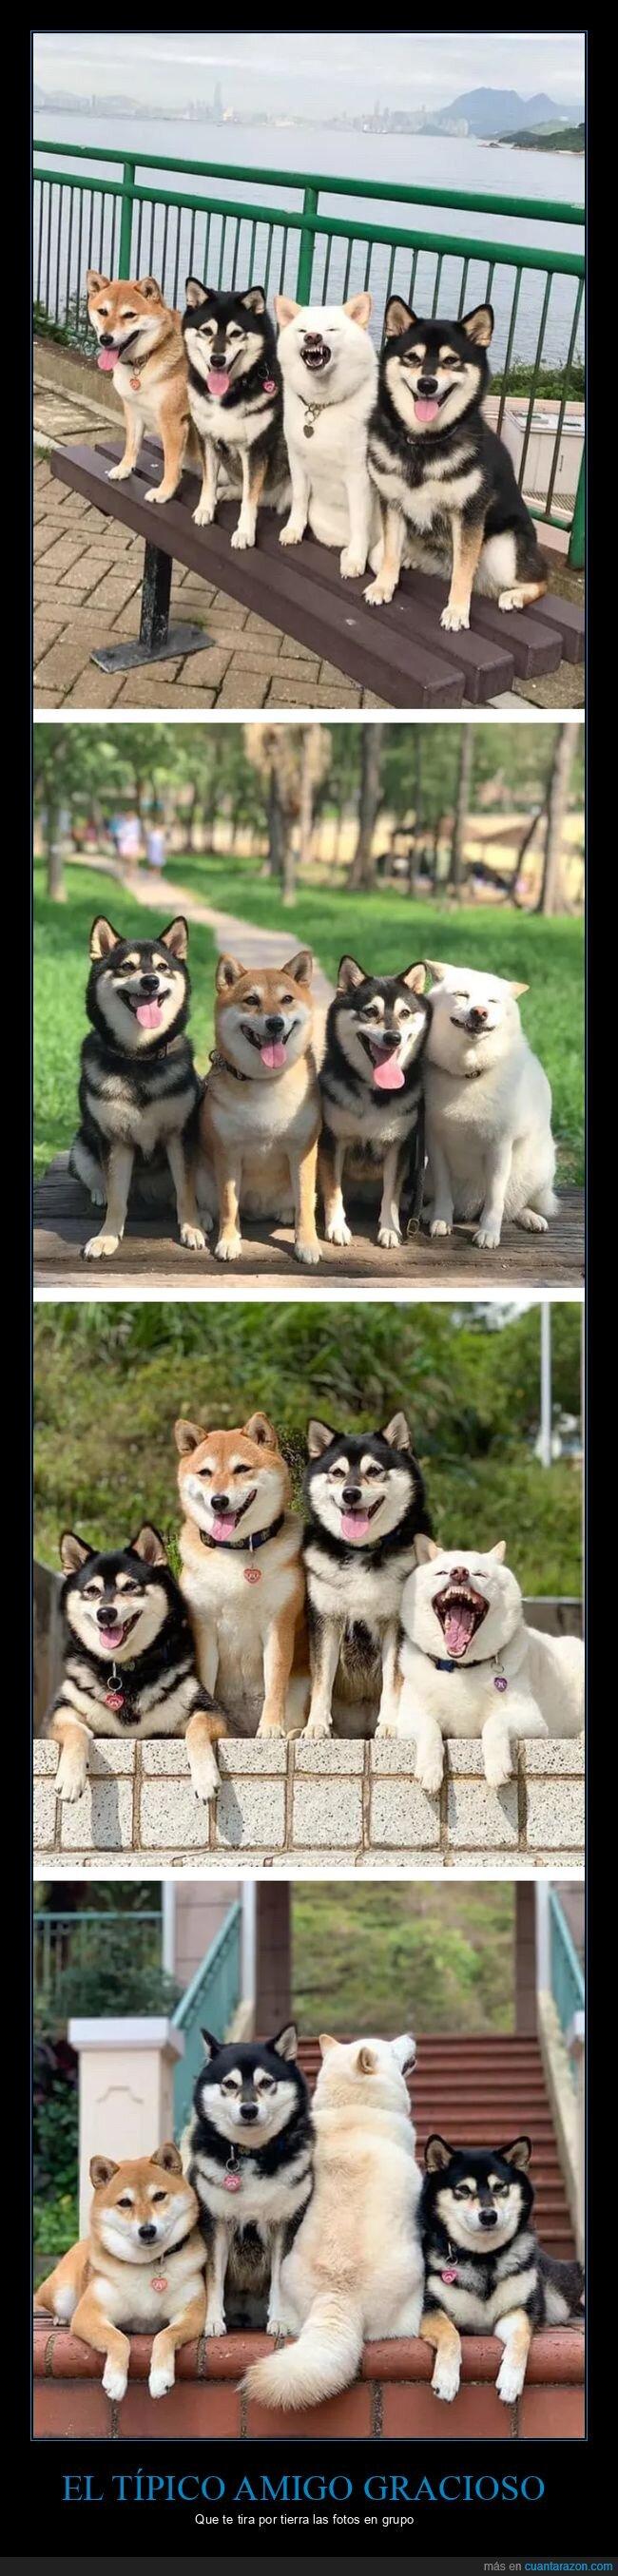 caretos,fotos,perros,wtf